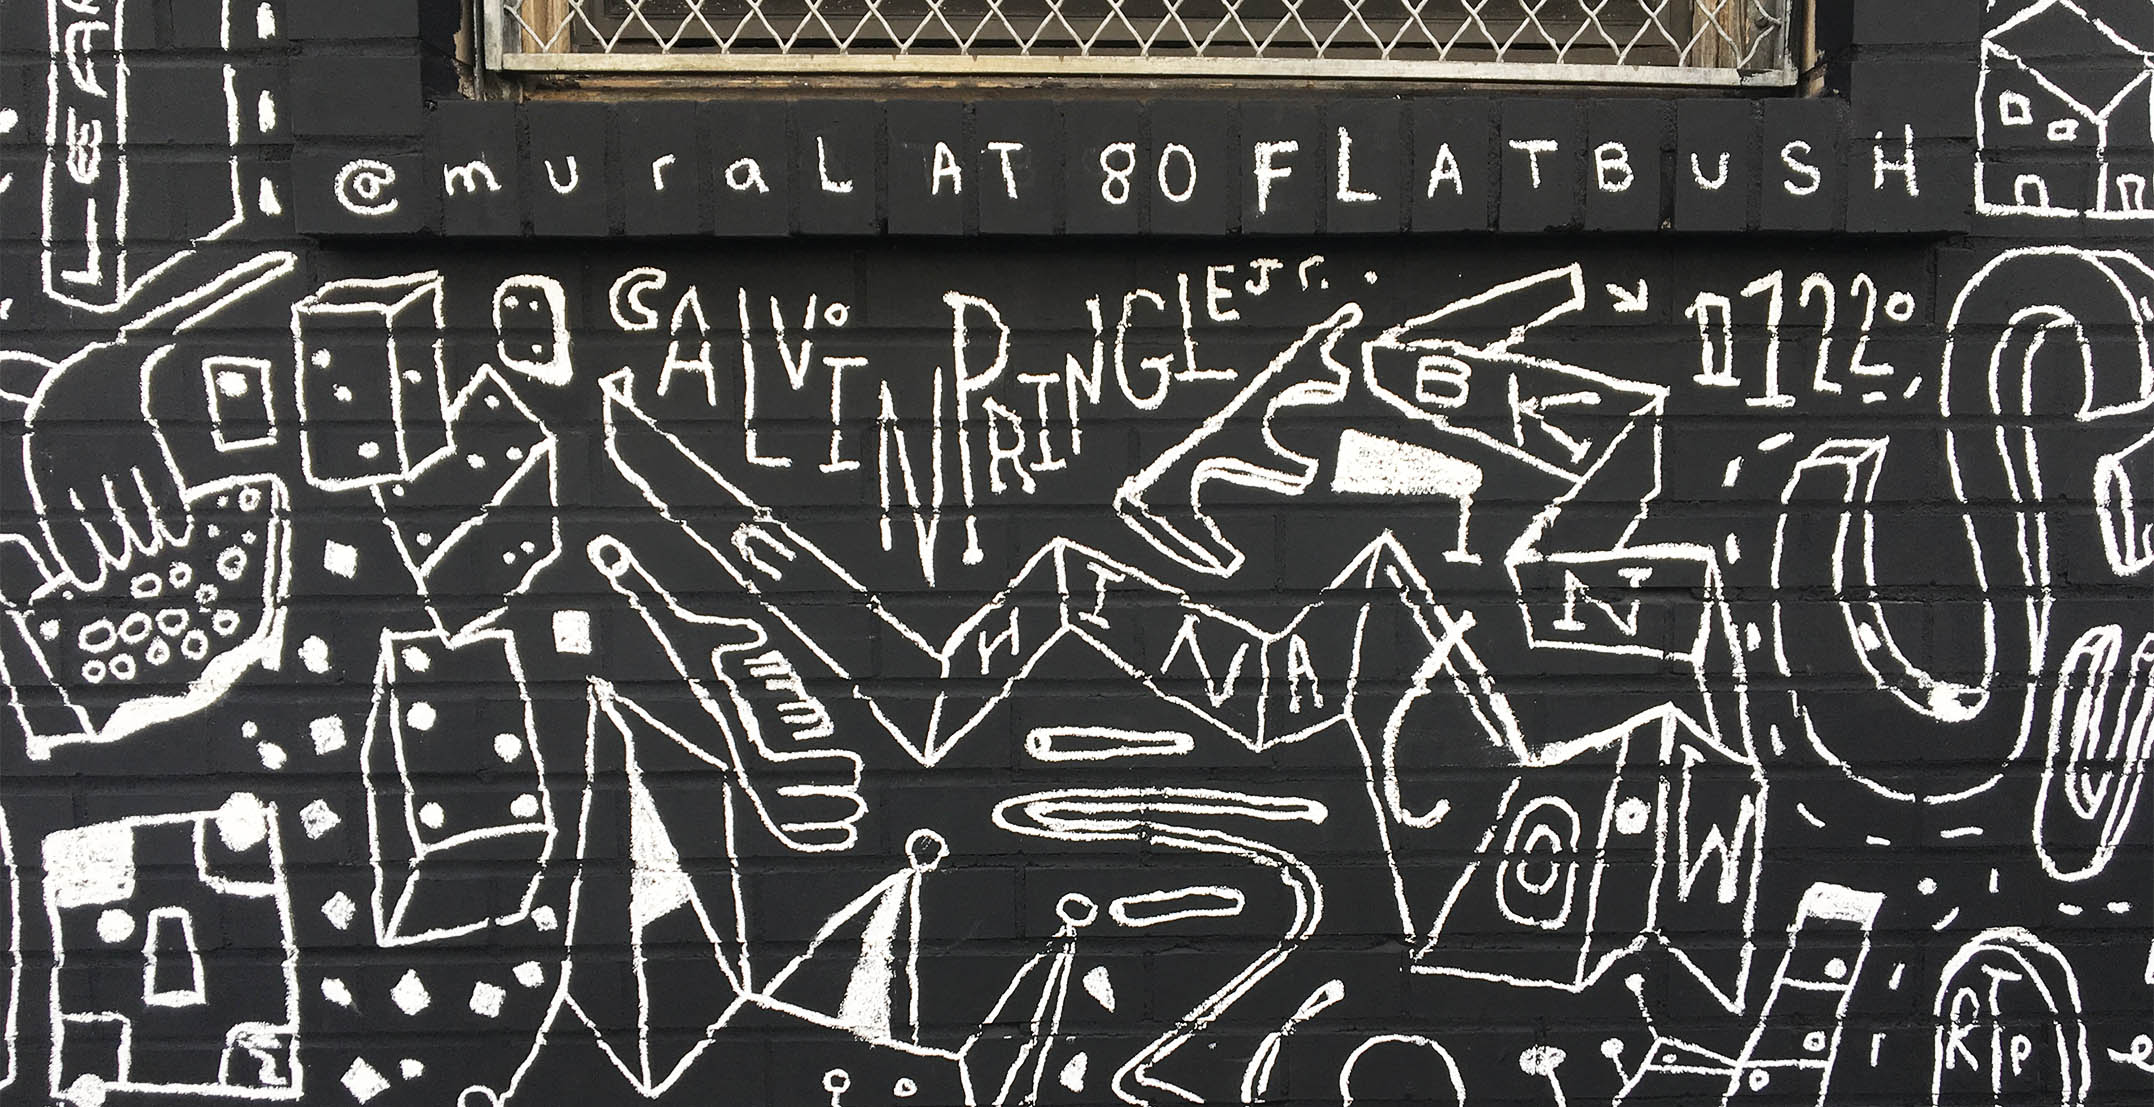 Mural at 80 Flatbush